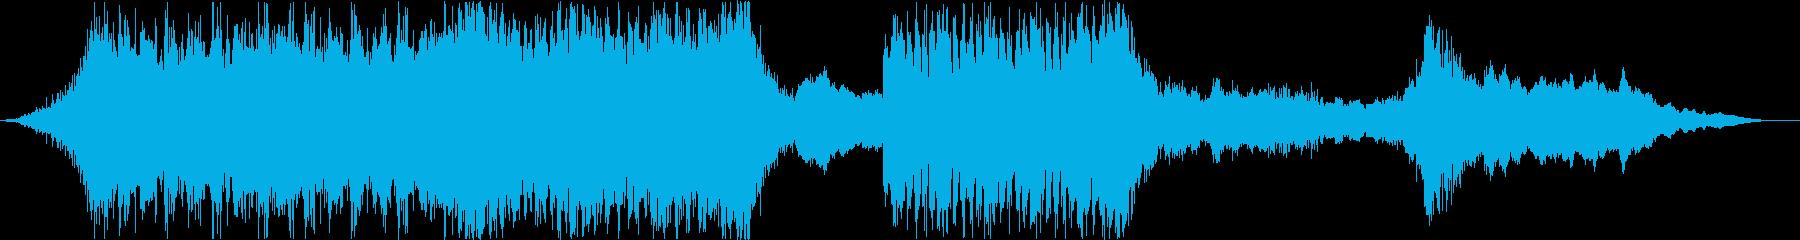 ハリウッド風トレイラー_オーケストラ01の再生済みの波形